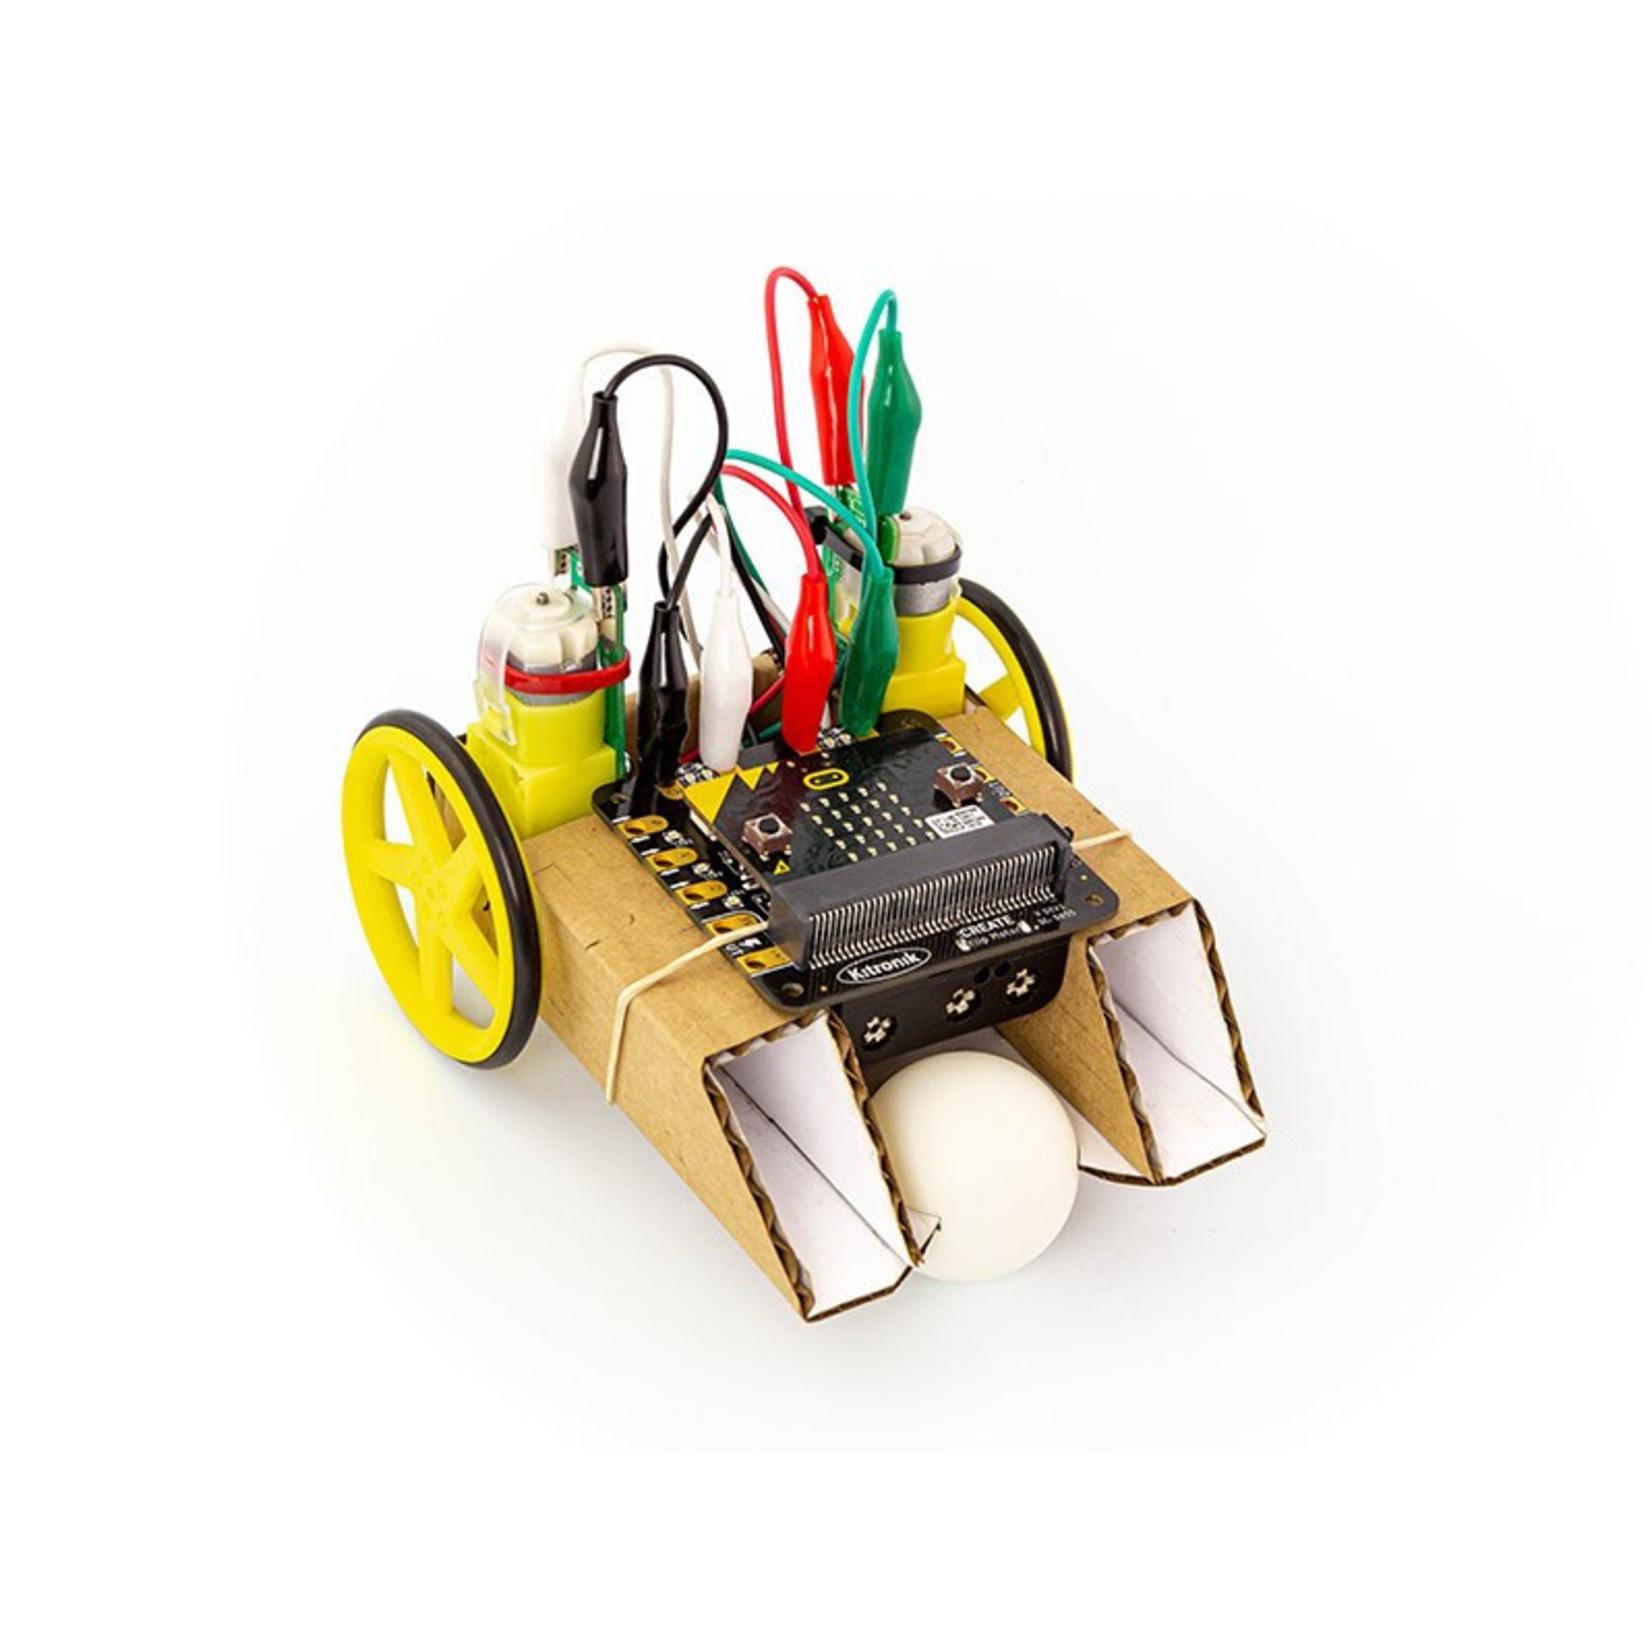 Kitronik Simple Robotics Kit